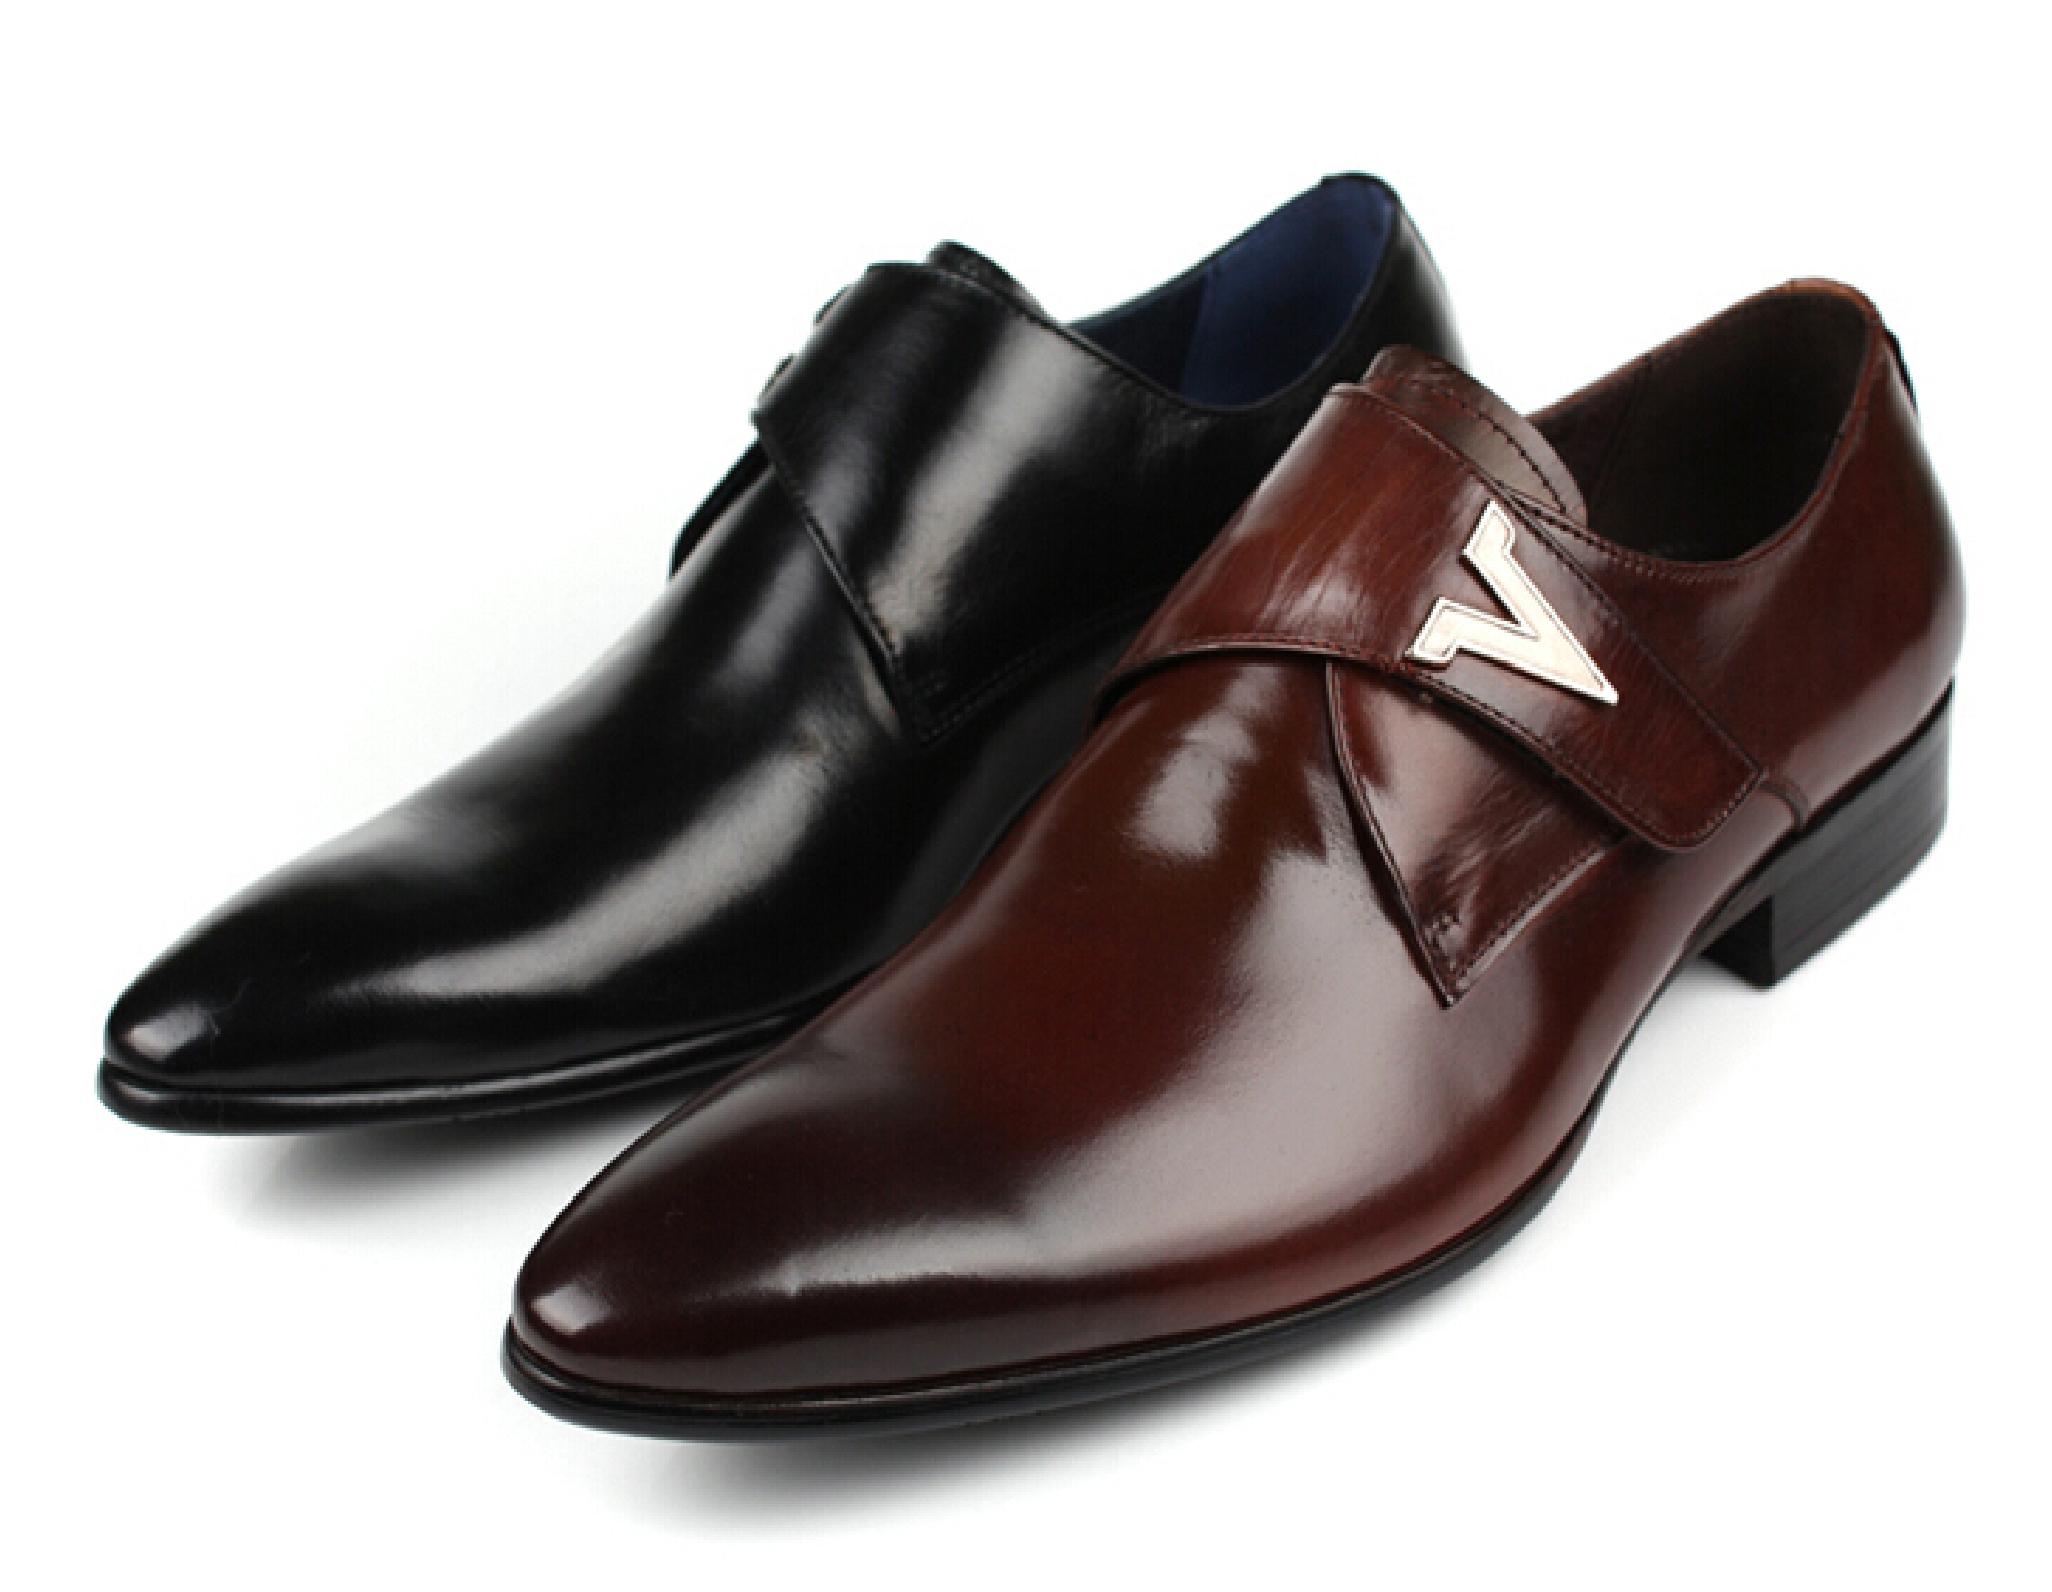 ece8417cde2 Calzado elegante para hombres... diferentes alternativas